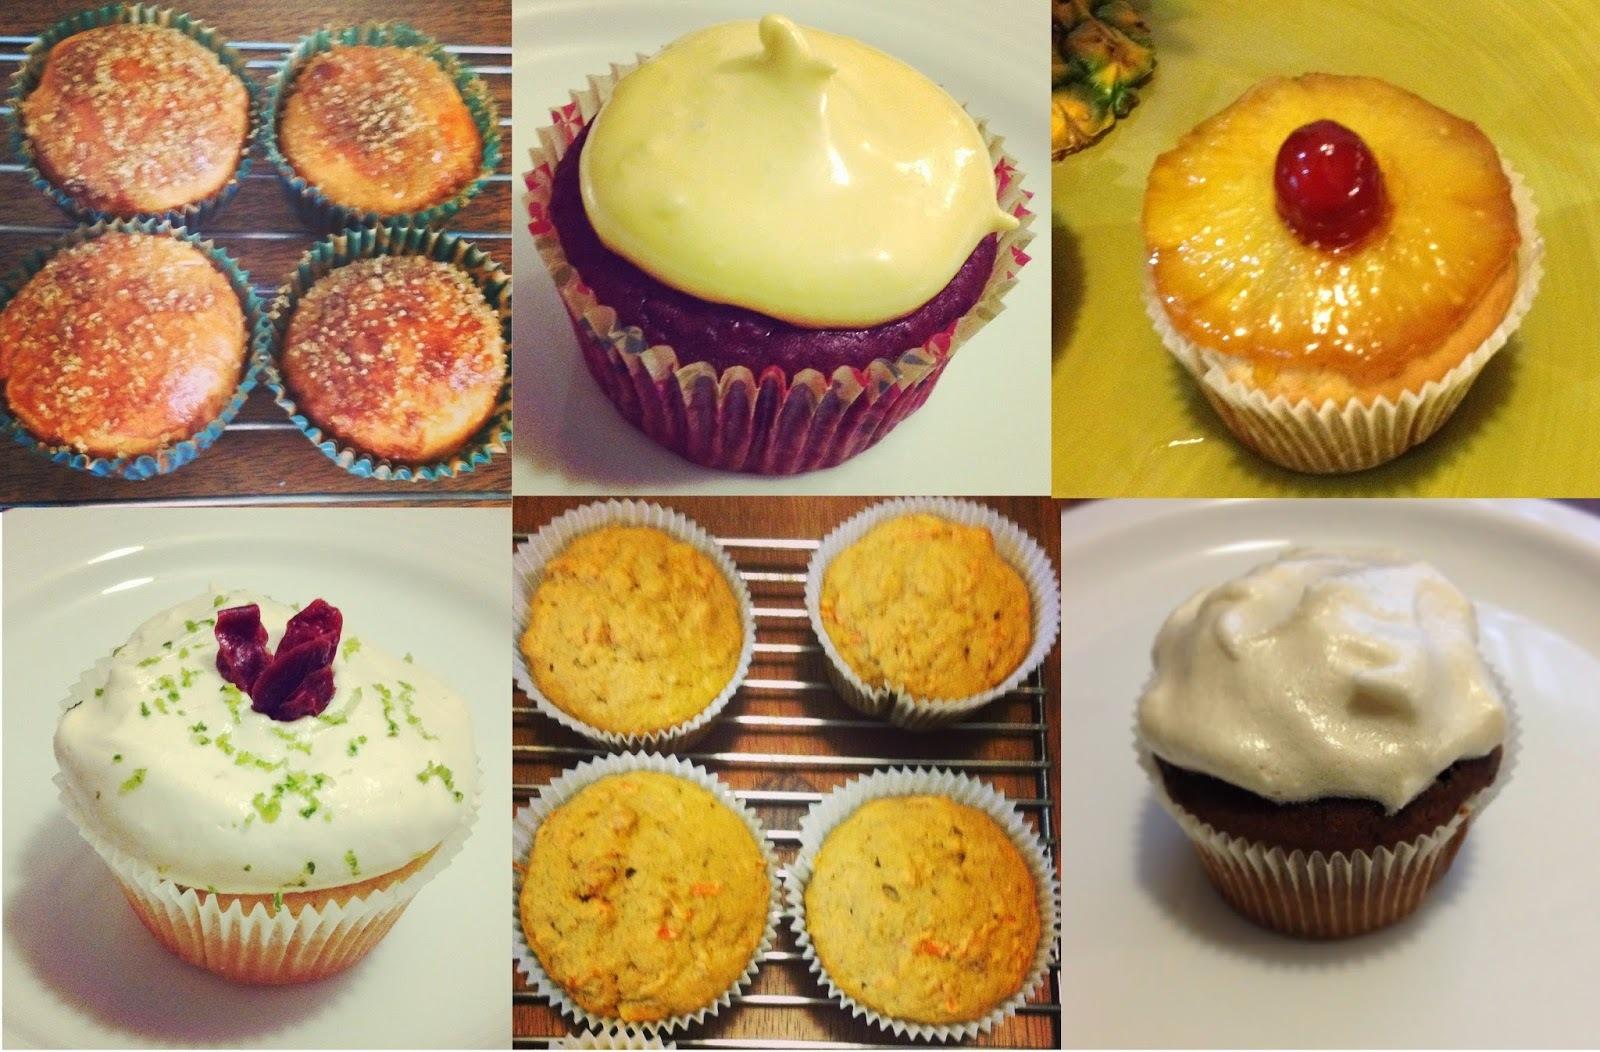 Cupcakes, Pastelitos, Ponquecitos, Quequitos...